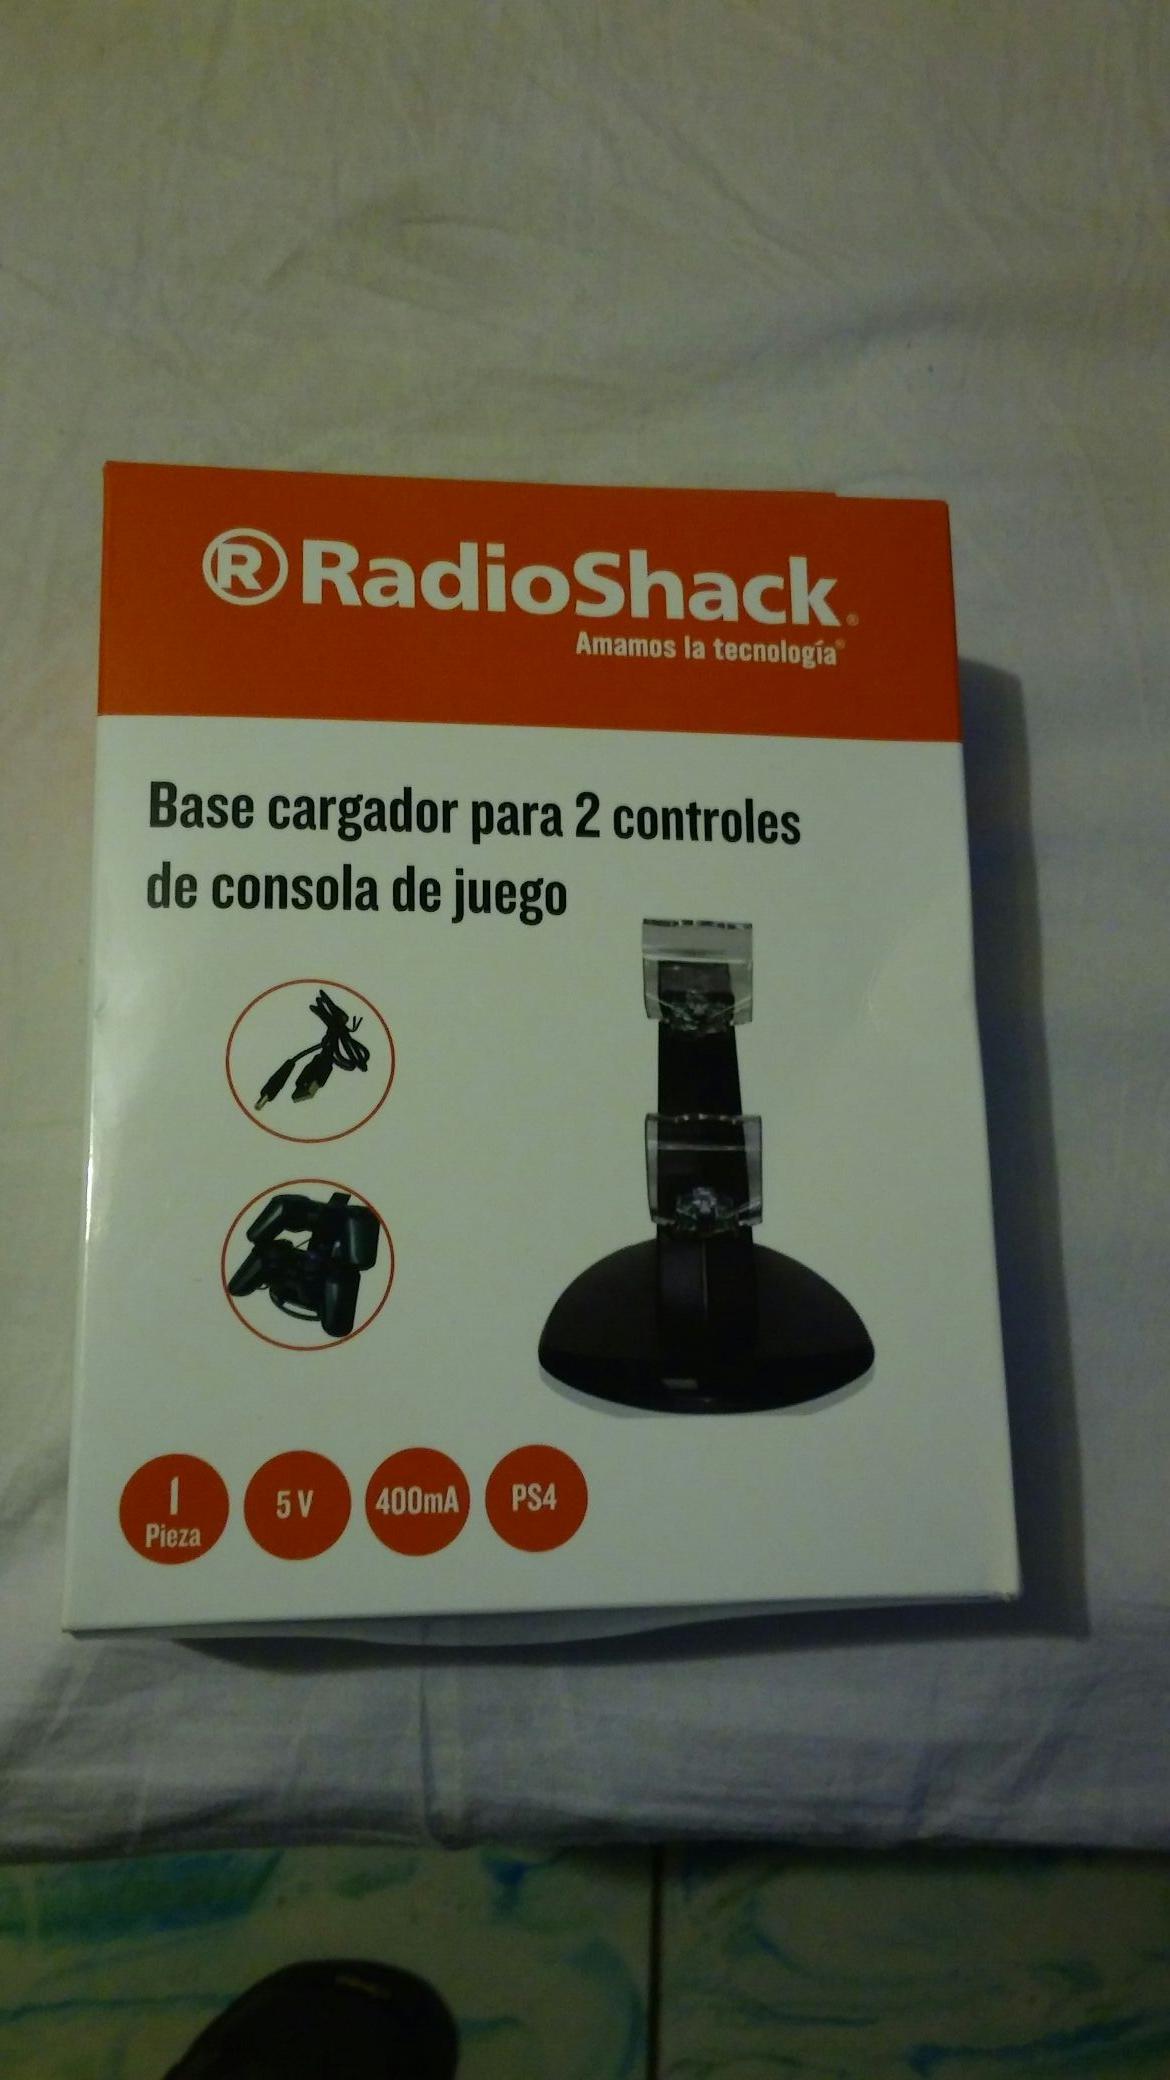 Radioshack: base cargador para 2 controles dualshock 4